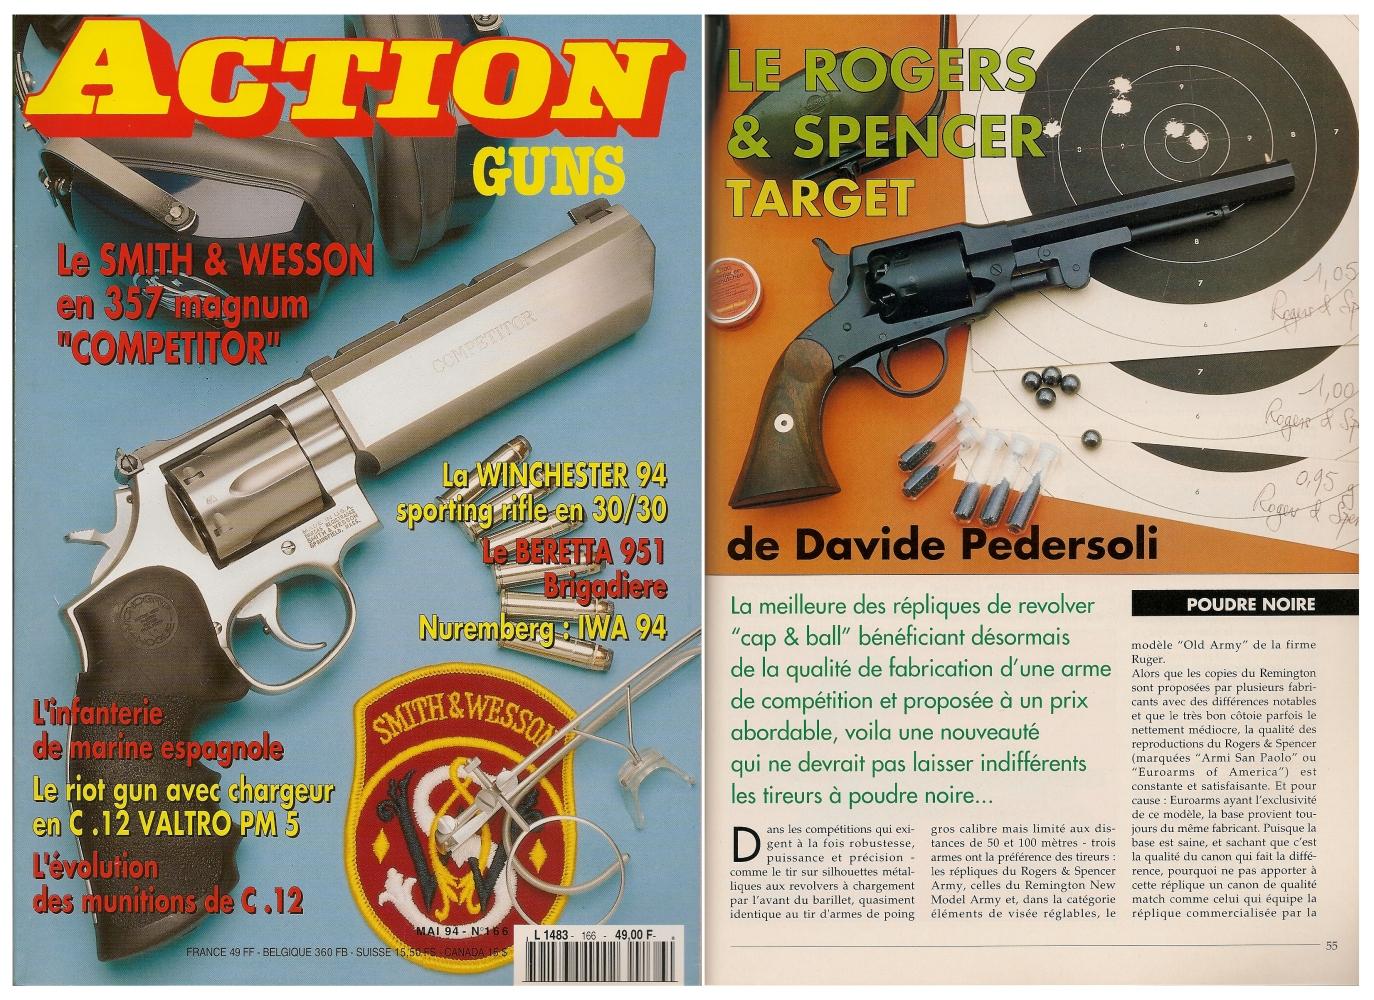 Le banc d'essai du revolver Rogers & Spencer Target a été publié sur 5 pages dans le magazine Action Guns n° 166 (mai 1994).